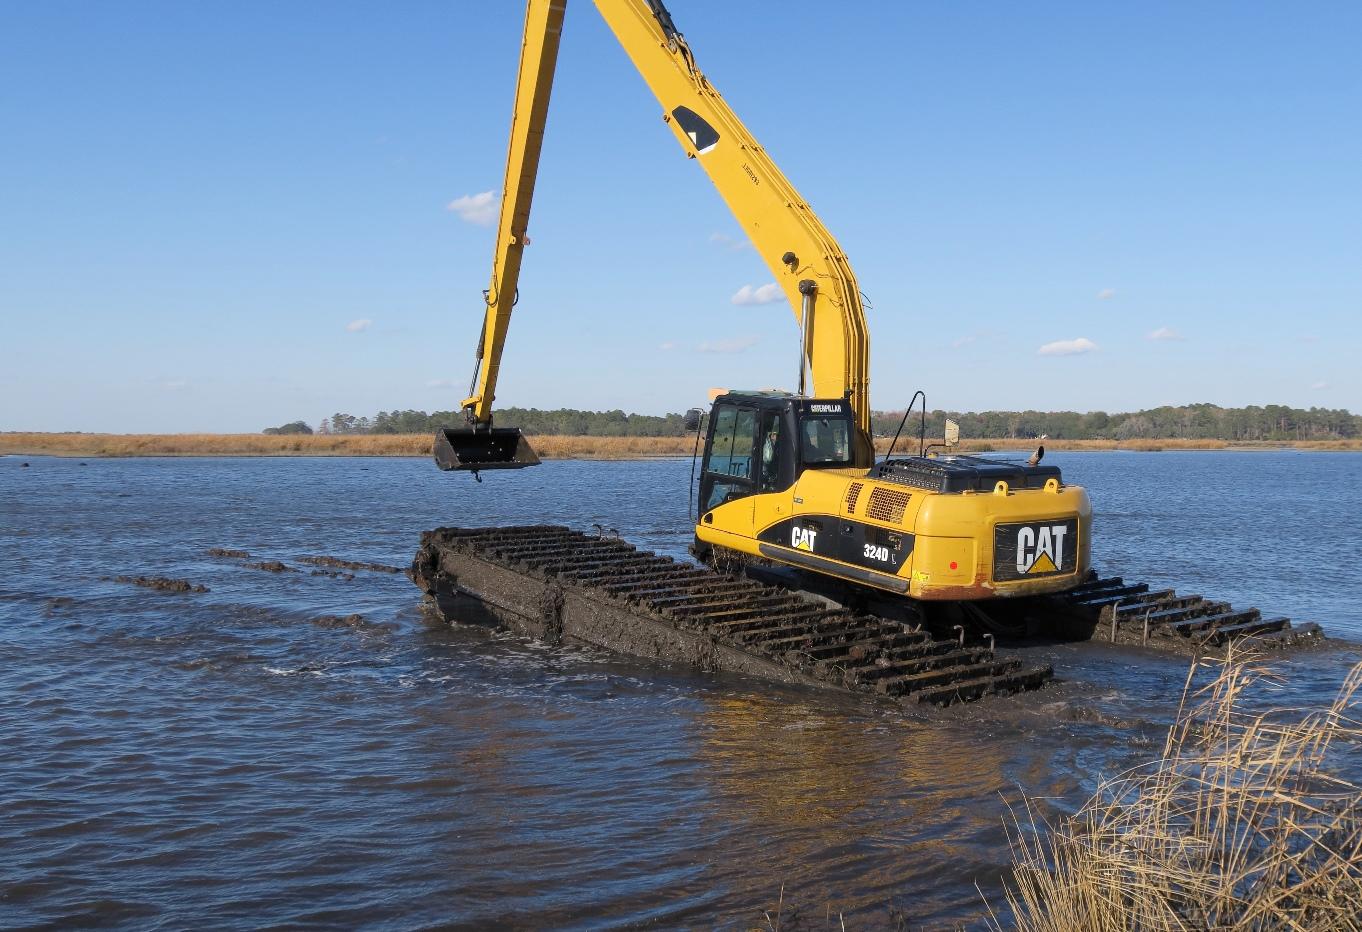 EIK CAT Amphibious excavator